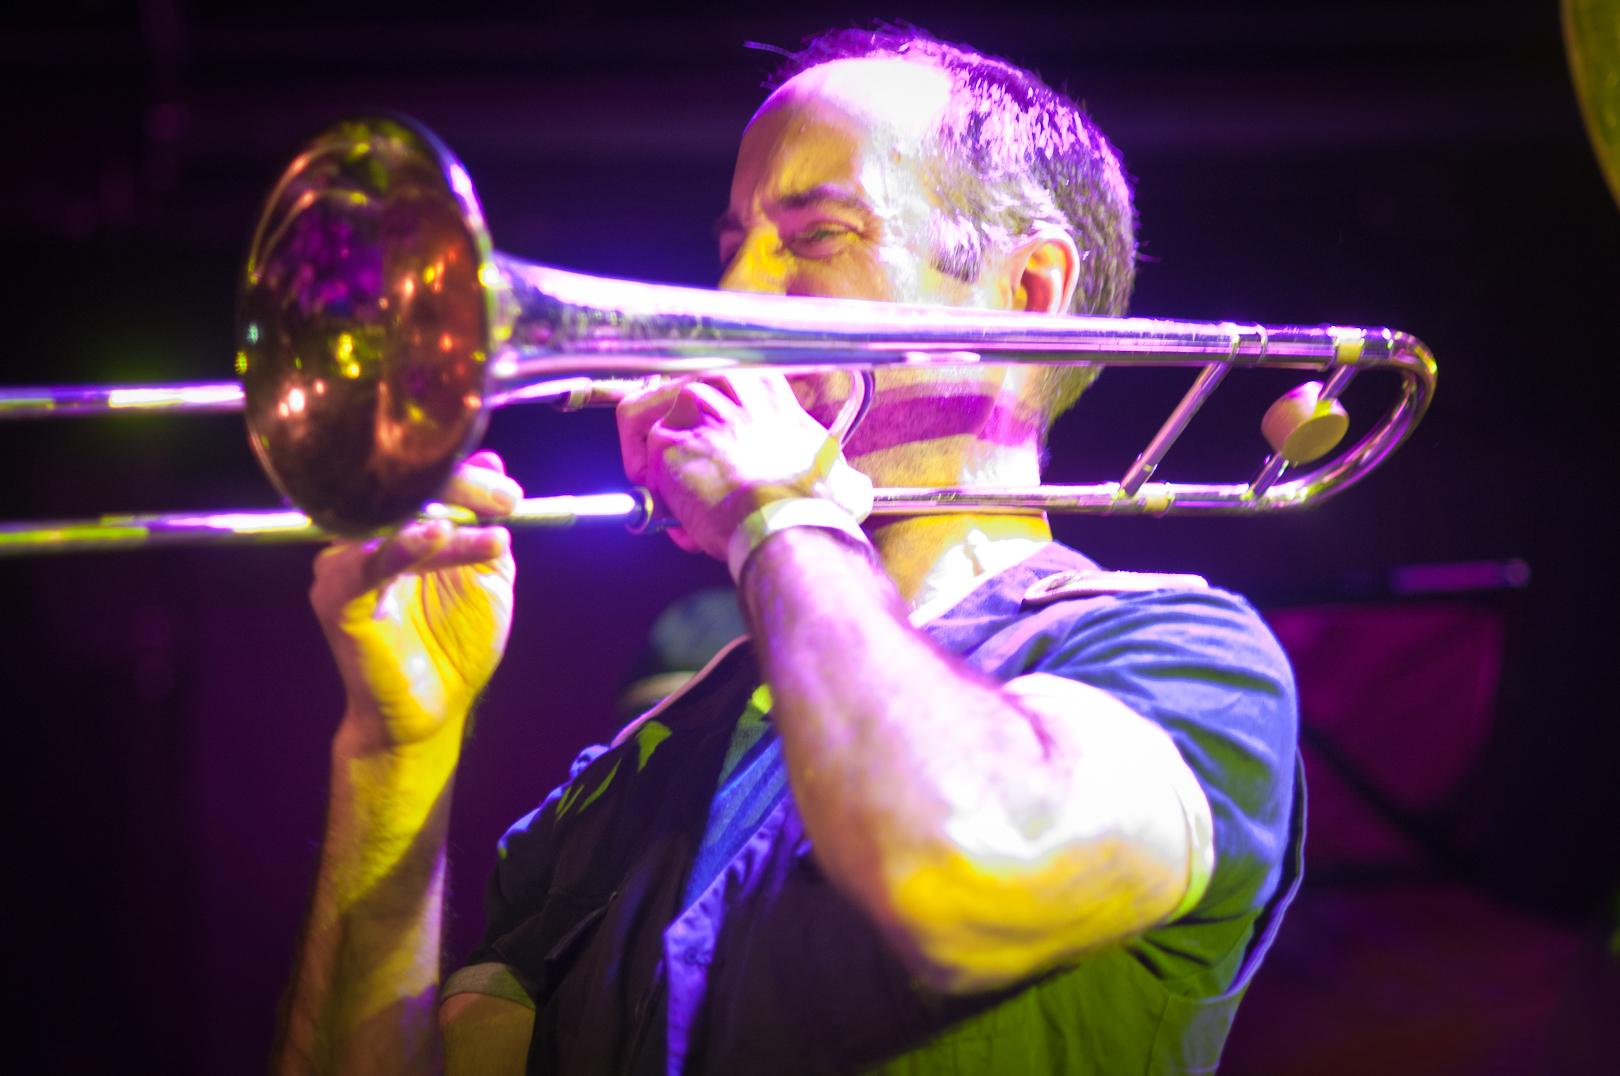 Alan Ferber with Asphalt Orchestra